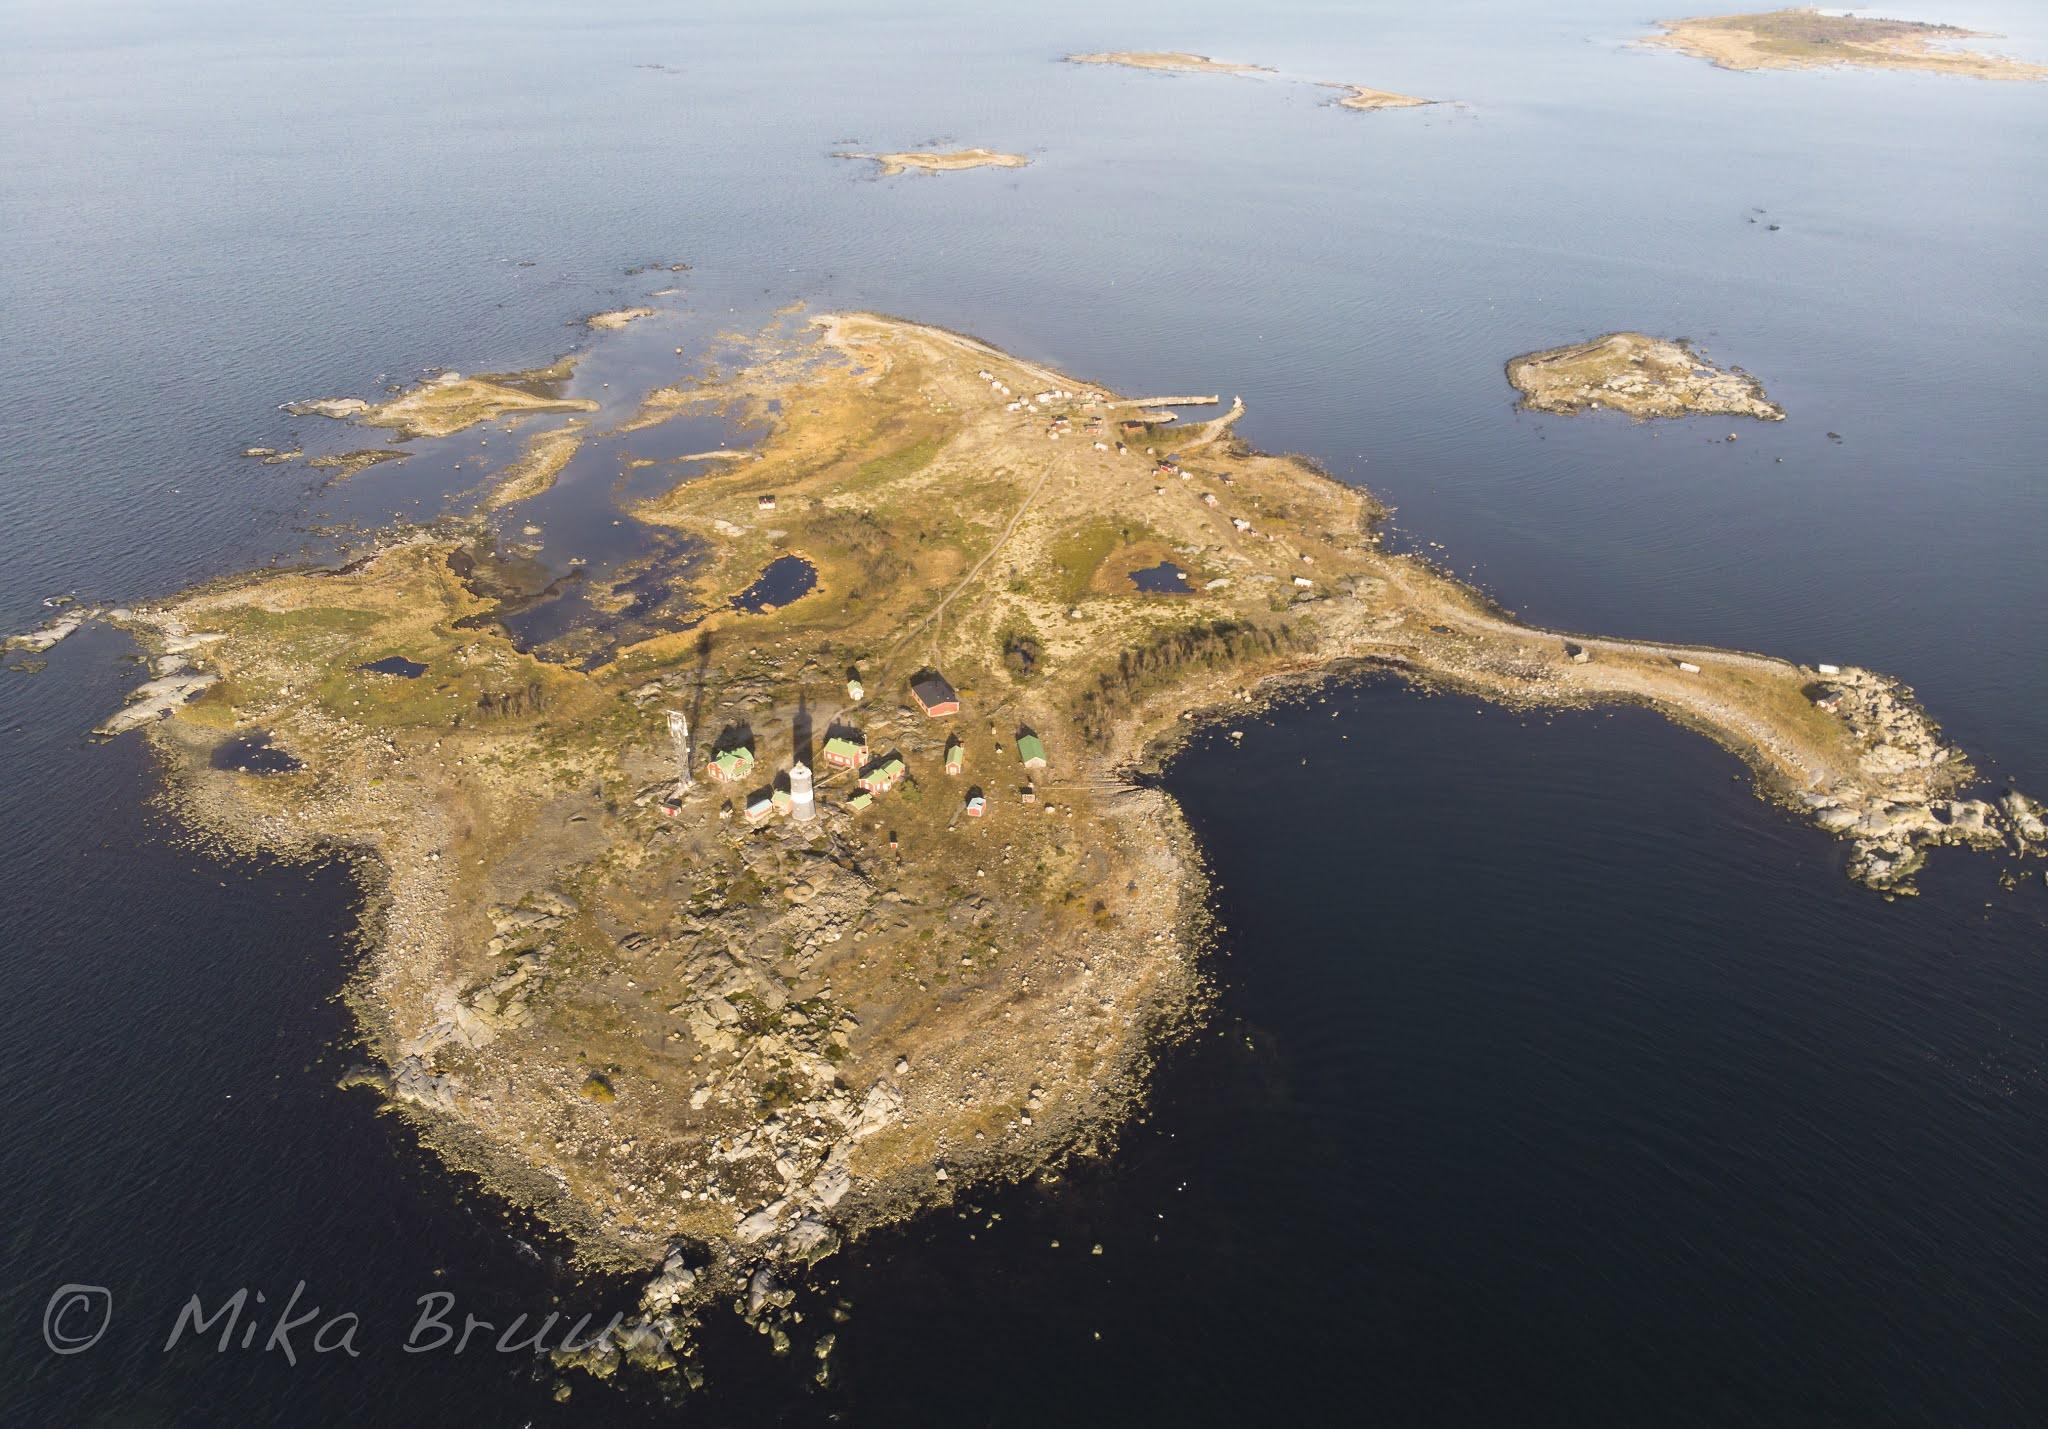 Dronekuva saaresta lokakuussa 2020. Kuva: Mika Bruun